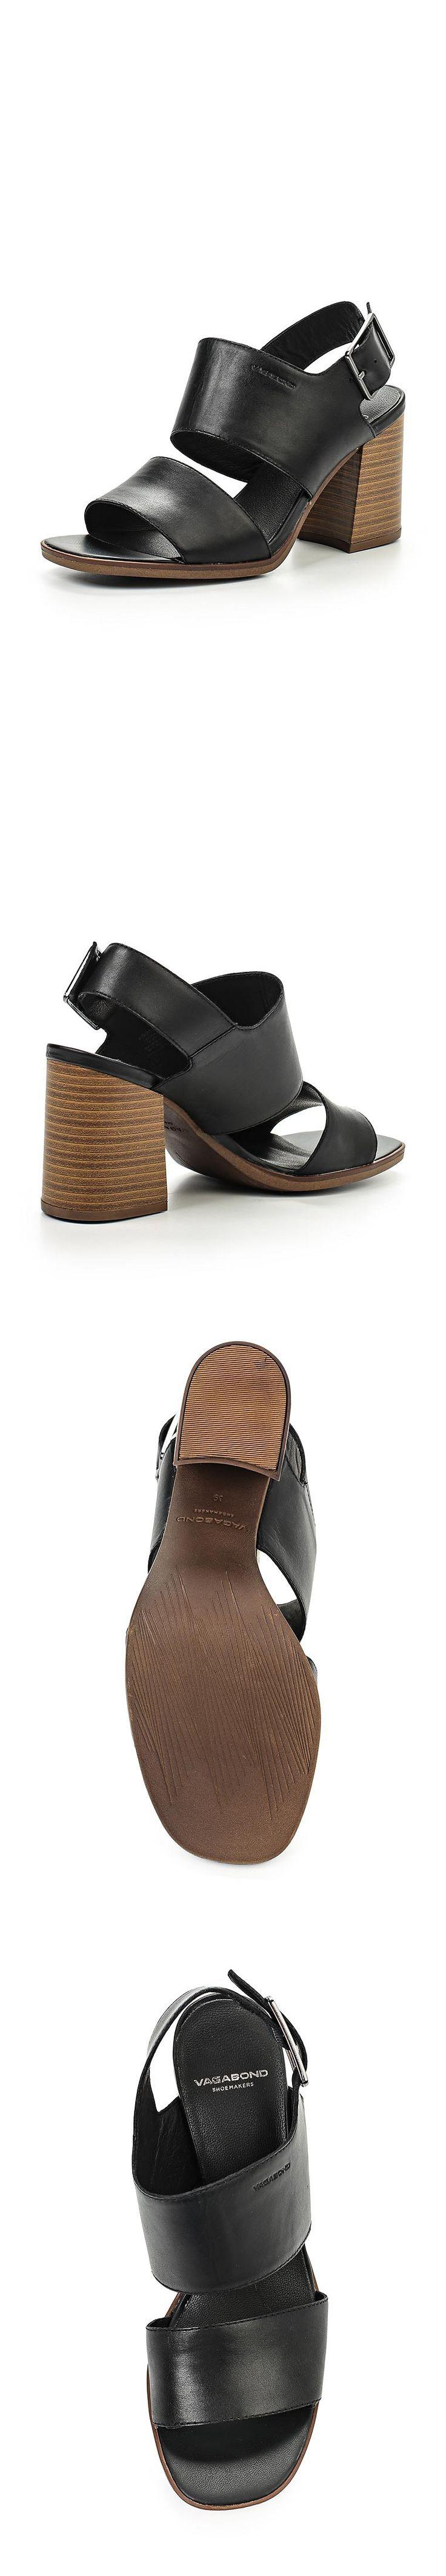 Женская обувь босоножки Vagabond за 6750.00 руб.